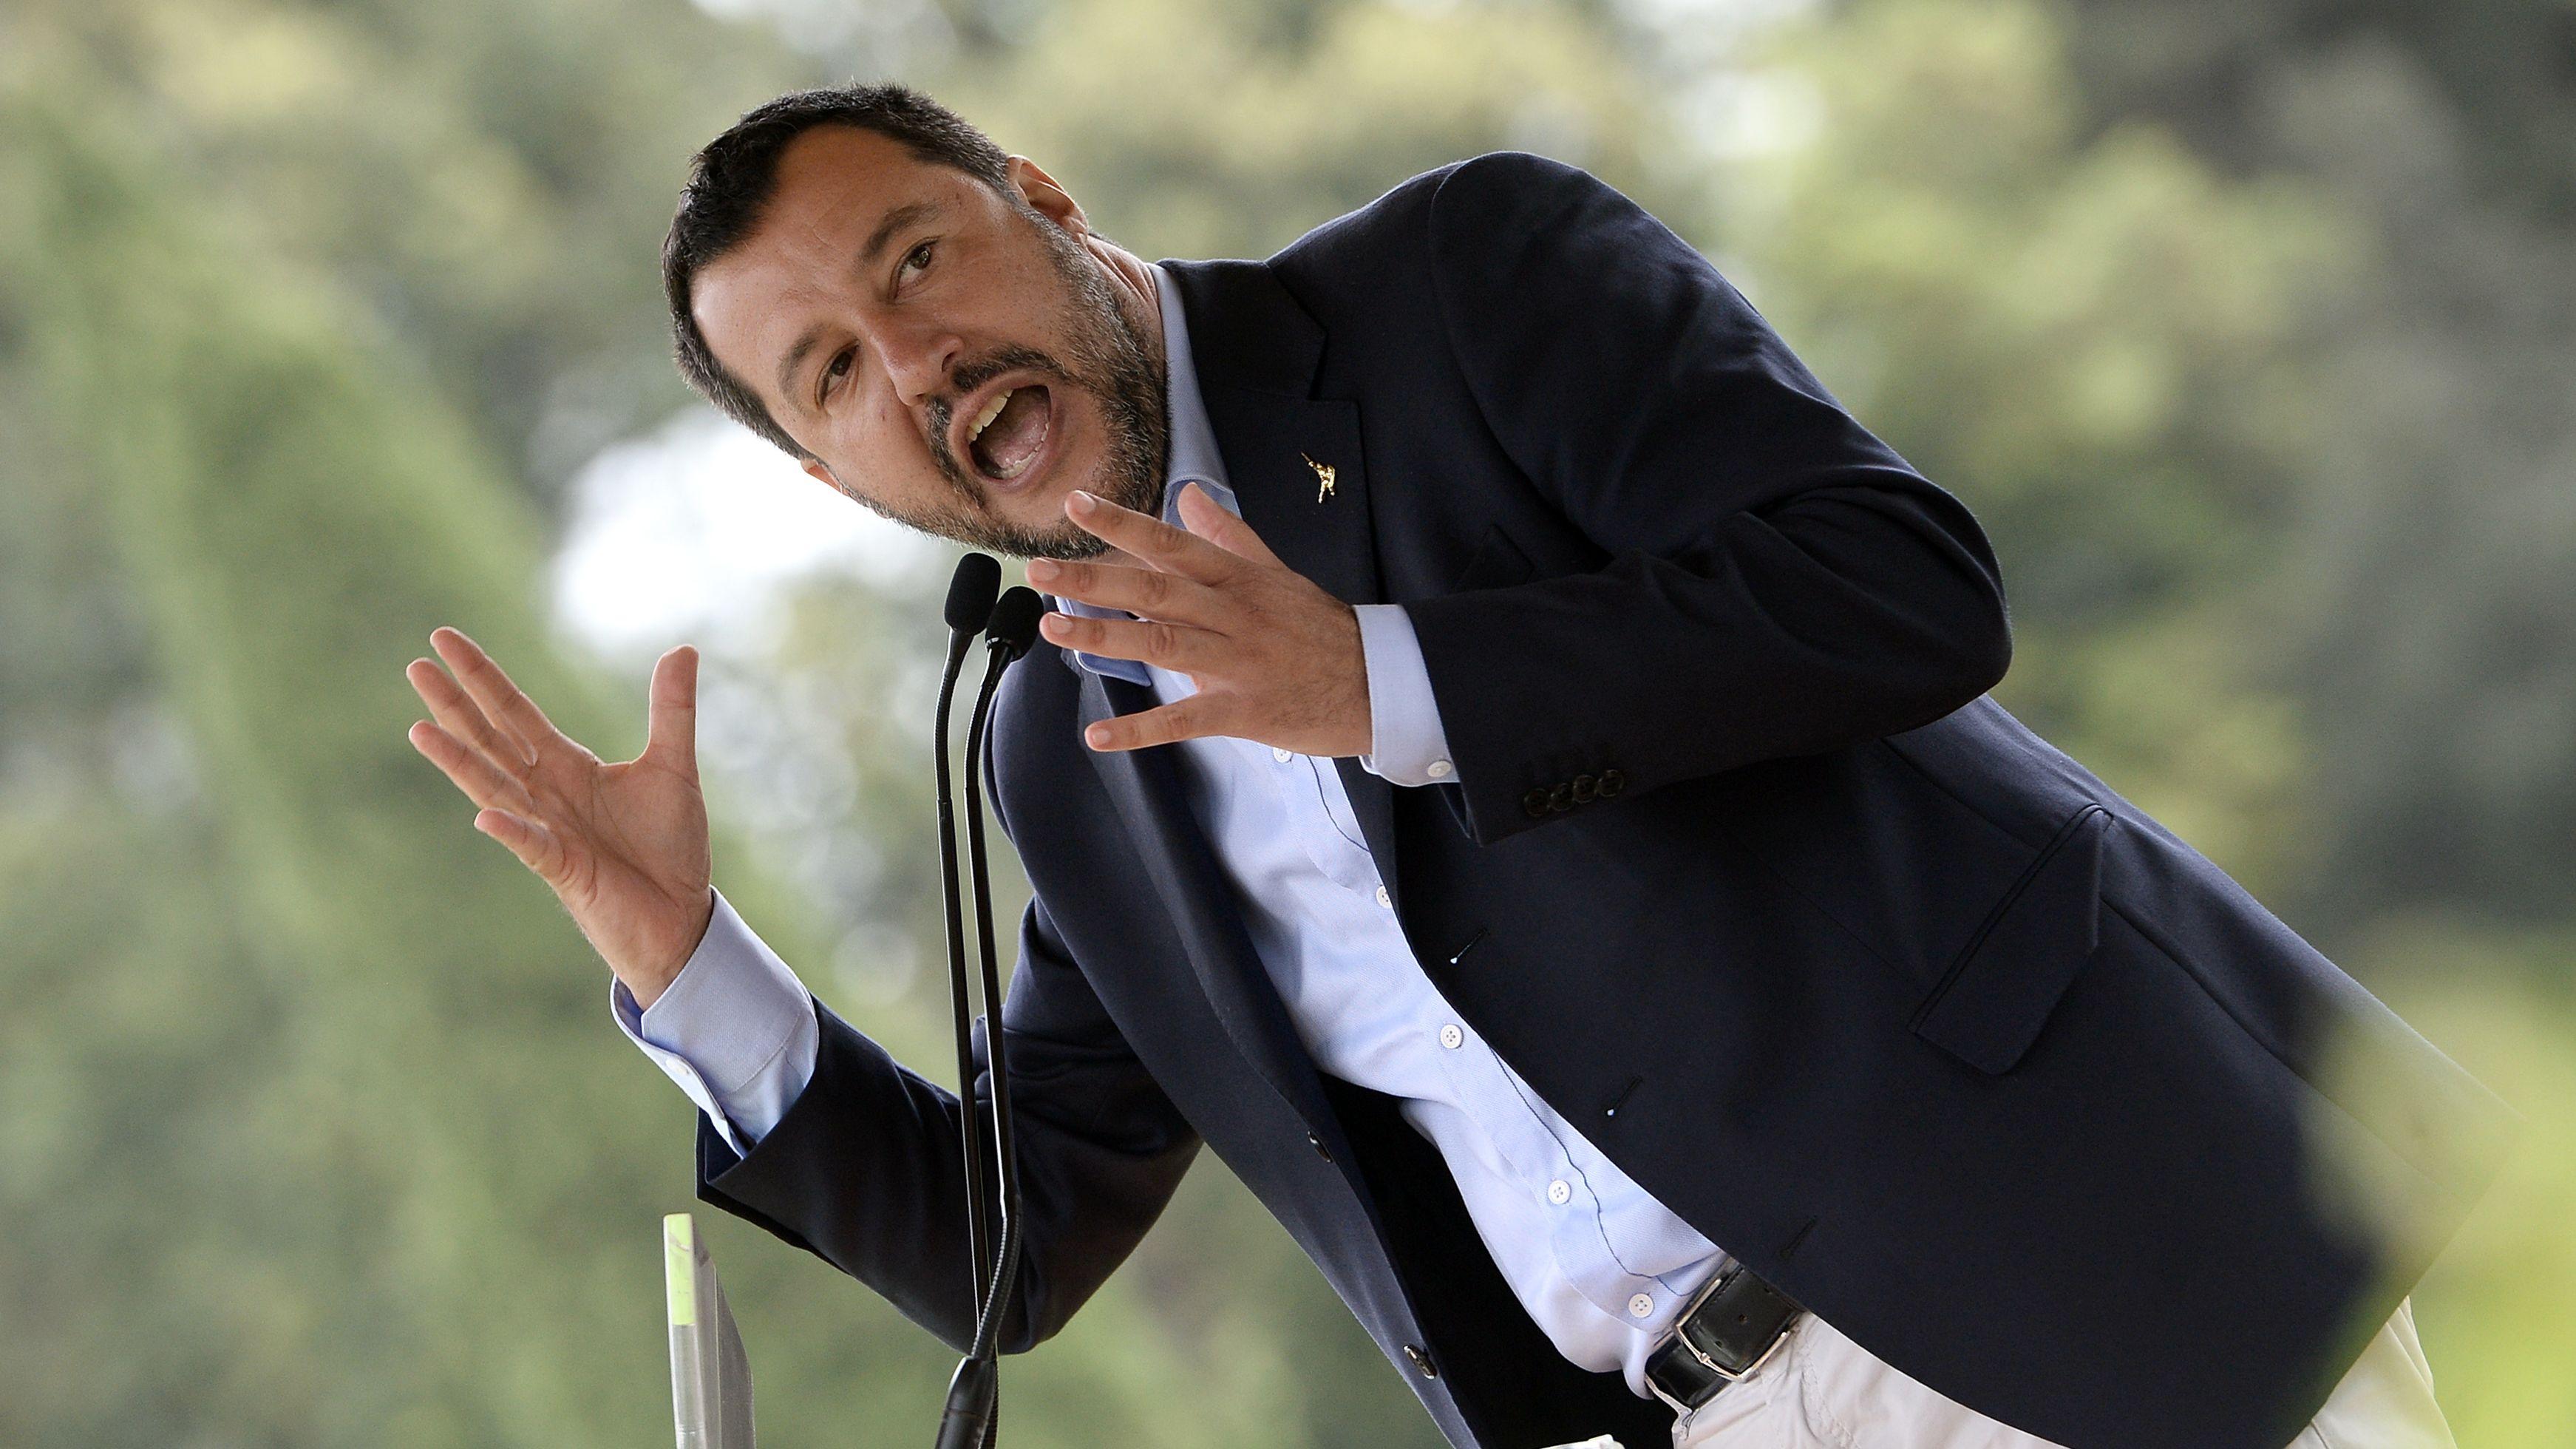 Italiens Innenminister Matteo Salvini (Lega) gestikuliert